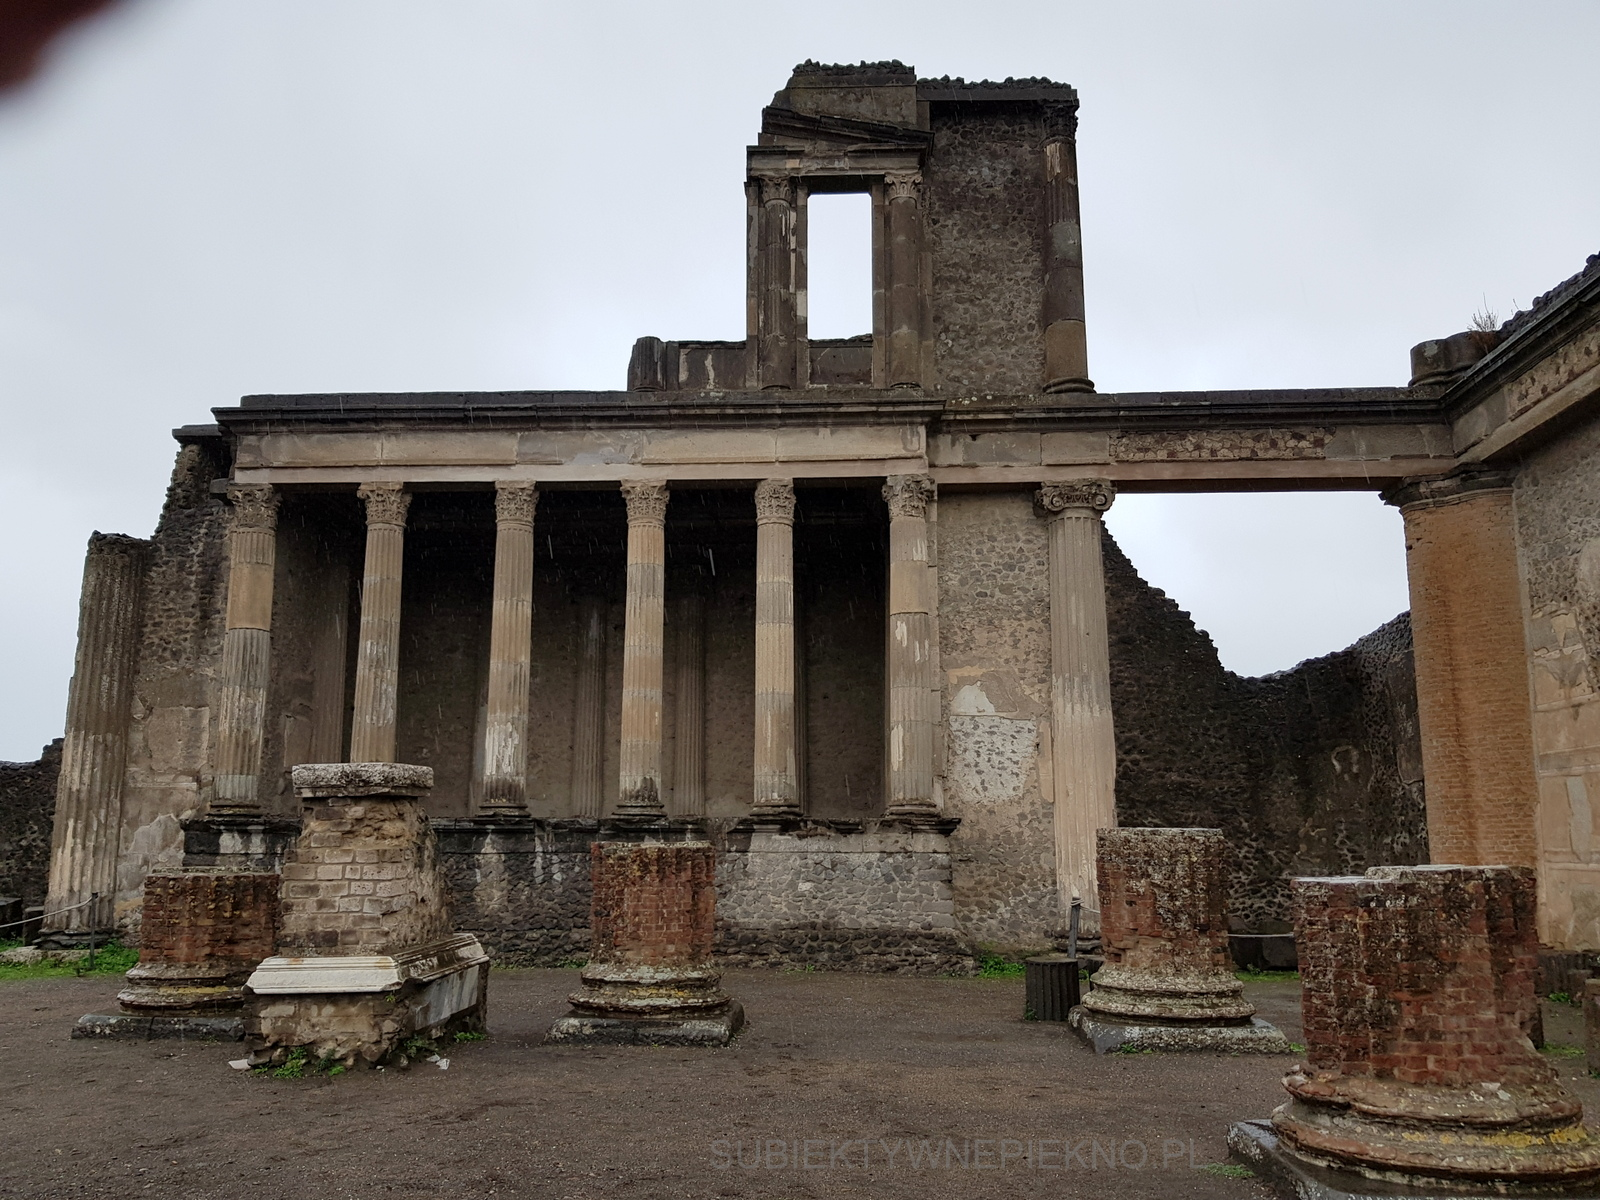 Pompeje koło Neapolu. Zwiedzanie ruin starożytnego miasta